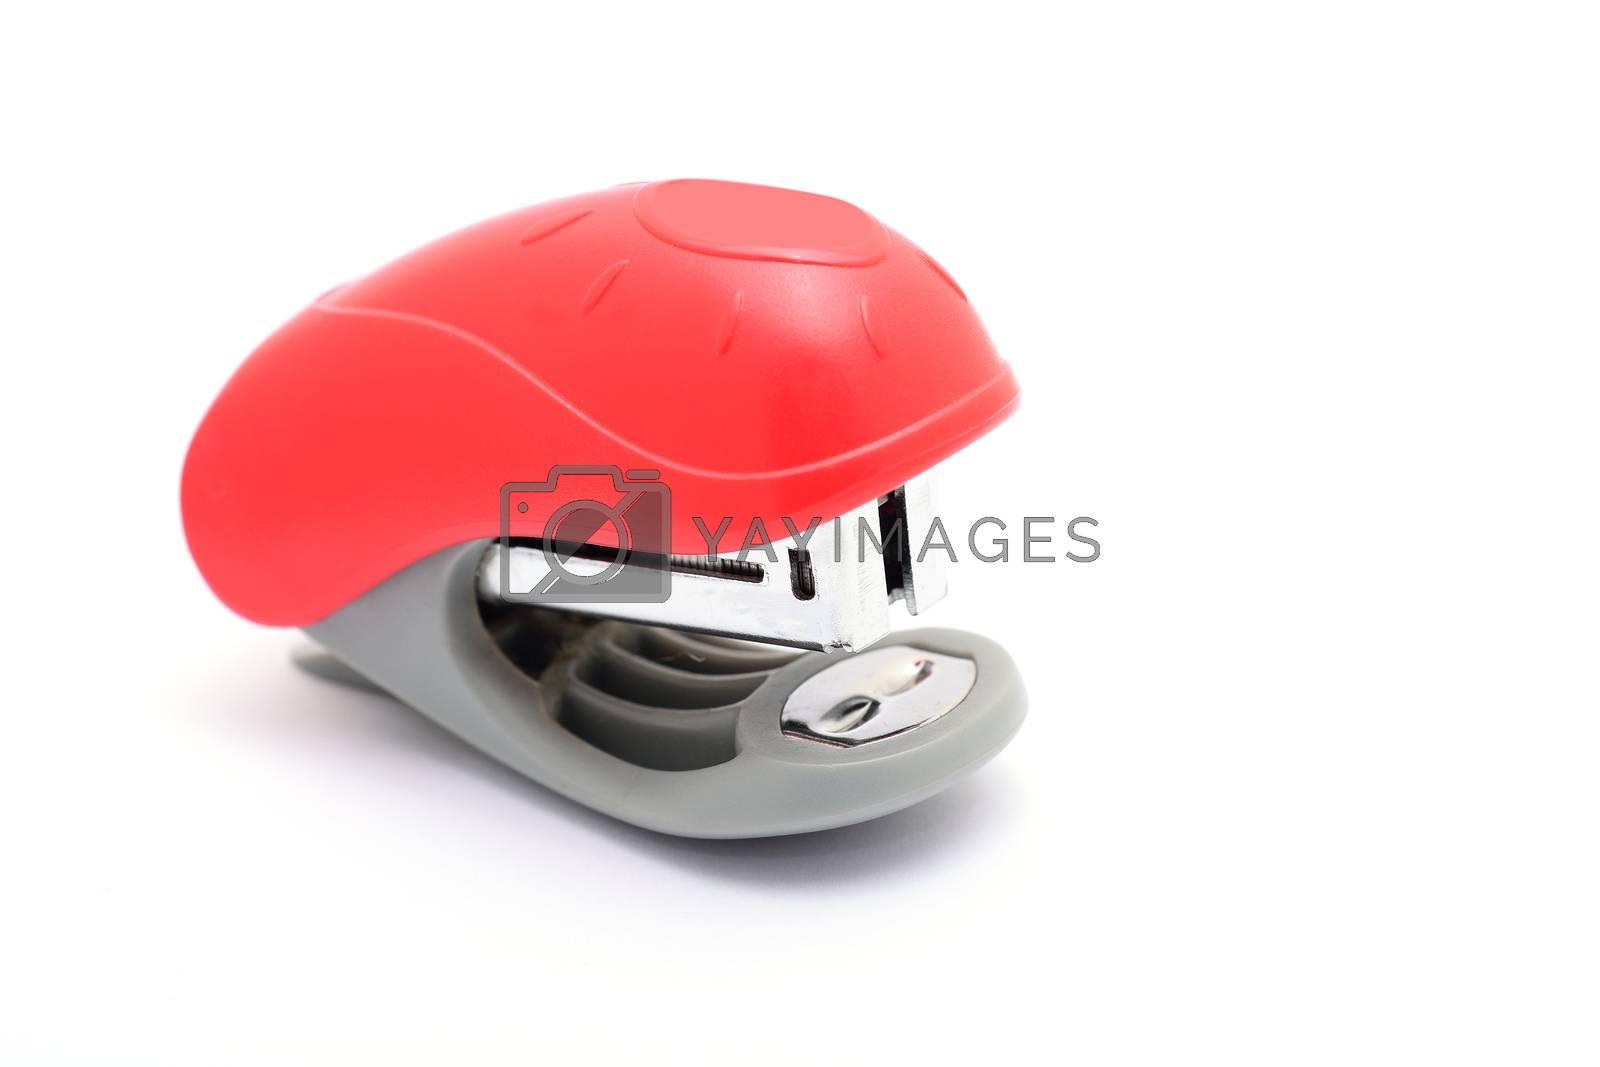 Office stapler by hamik